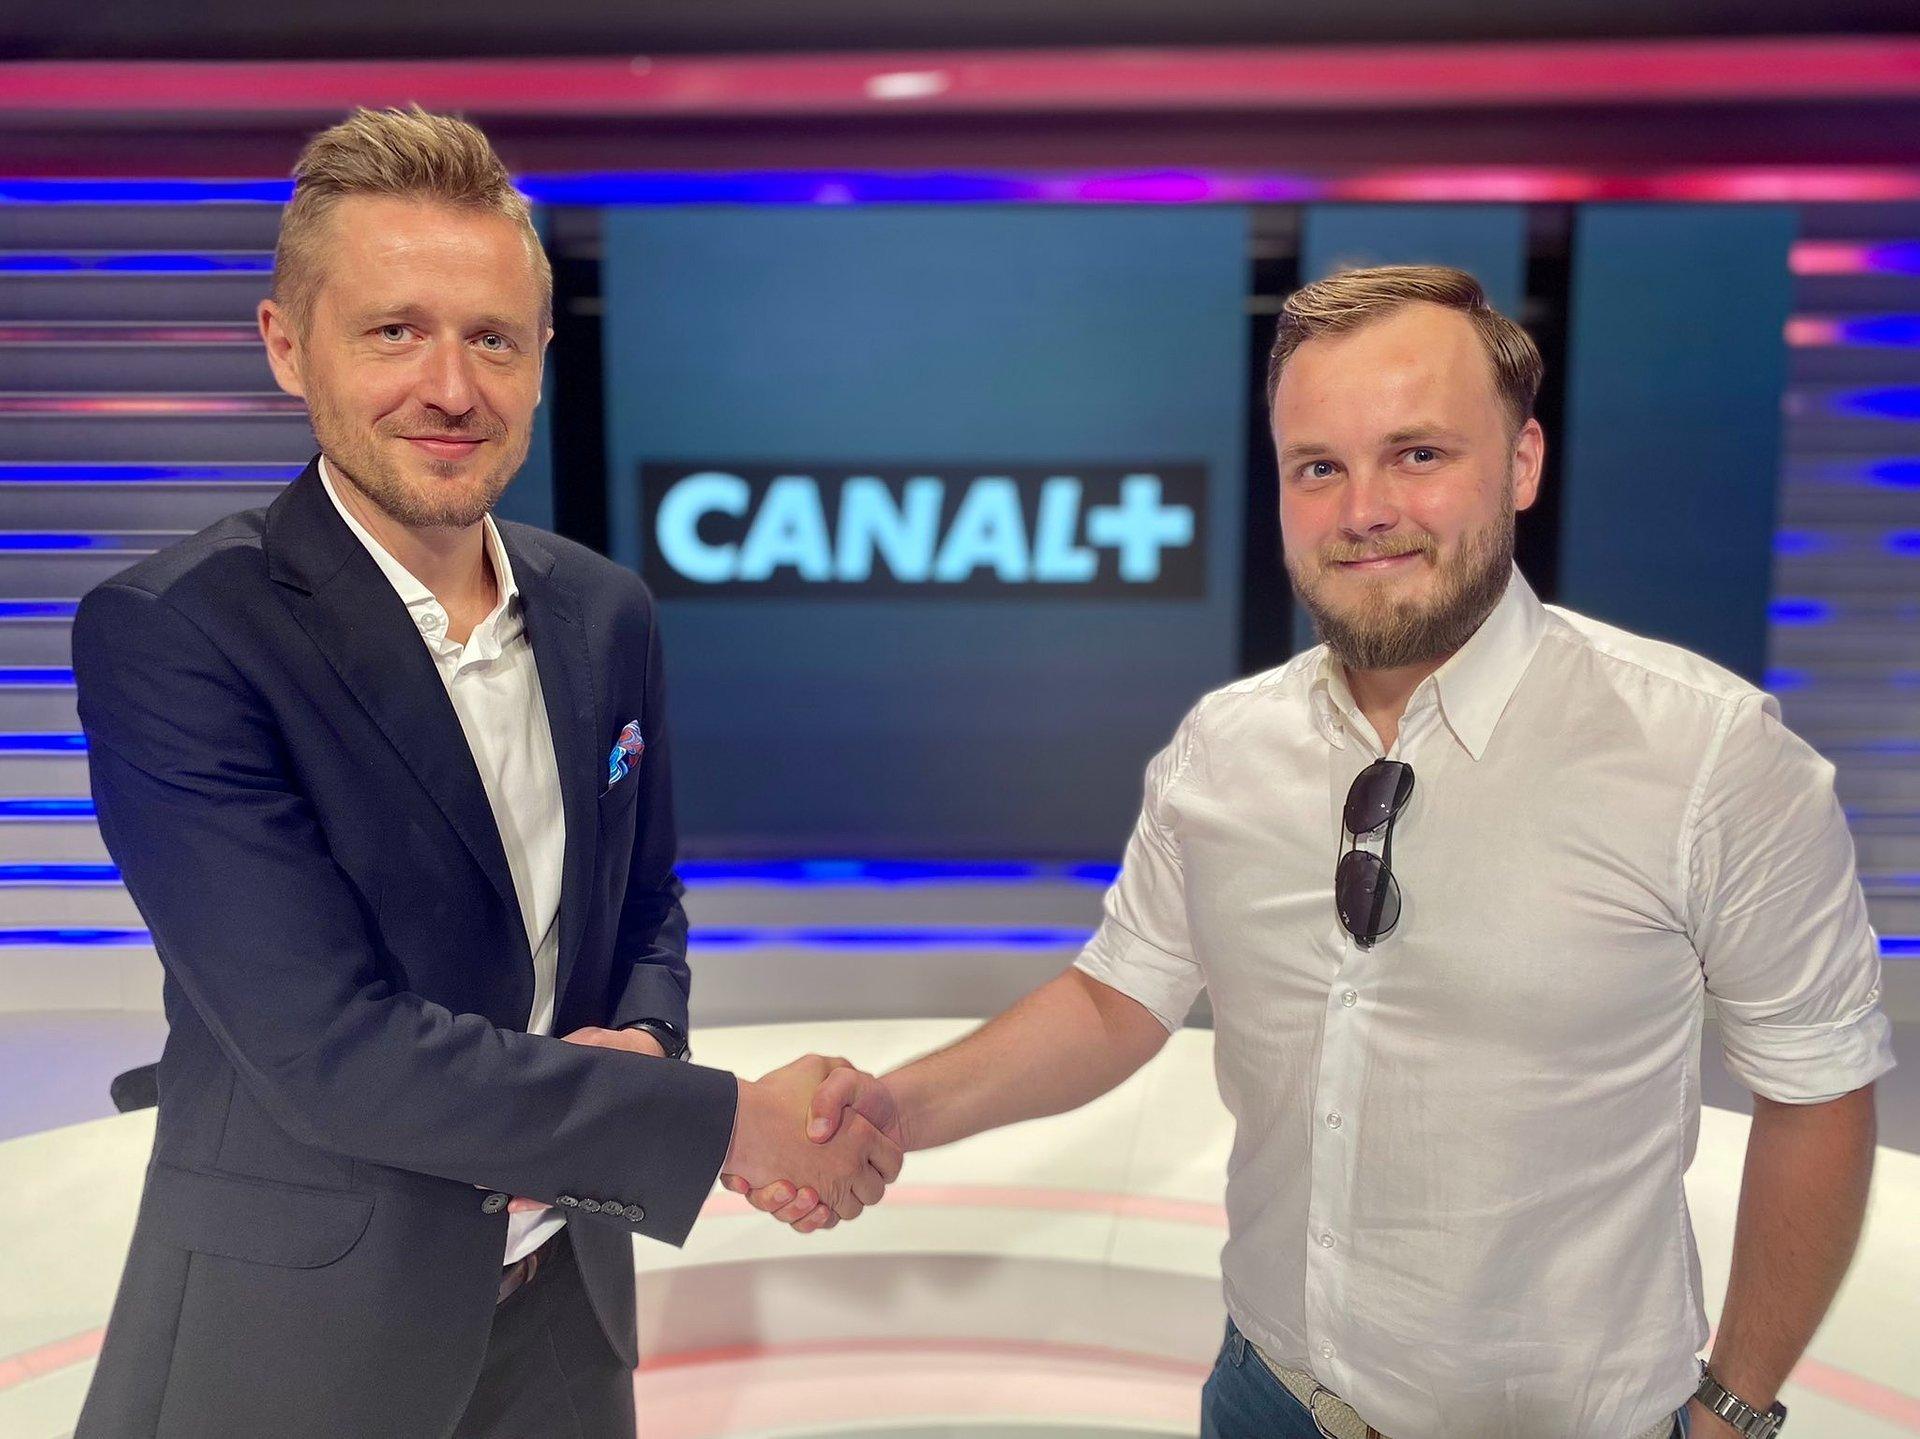 Jakub Kręcidło dołącza do CANAL+